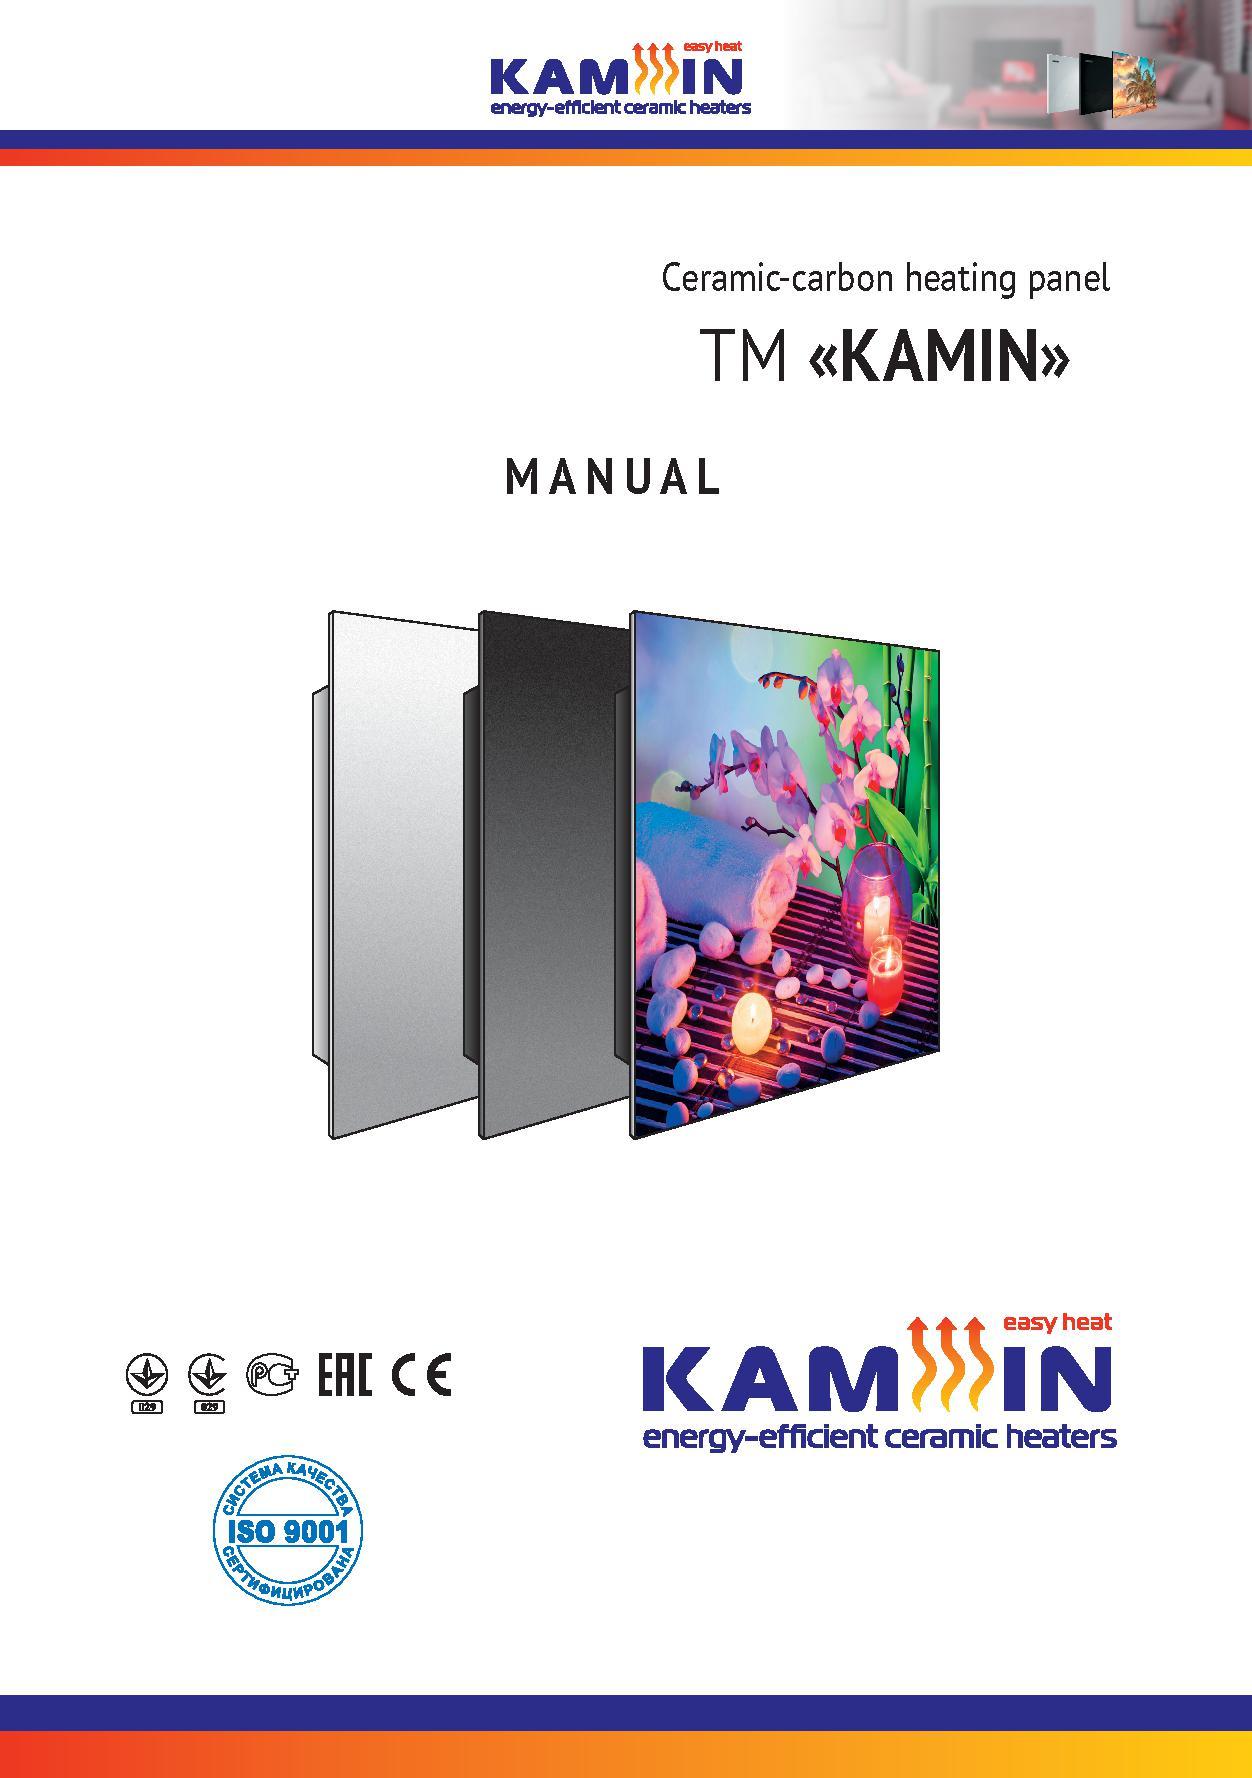 Инструкция на керамический настенный обогреватель Кам-ин Eco Heat